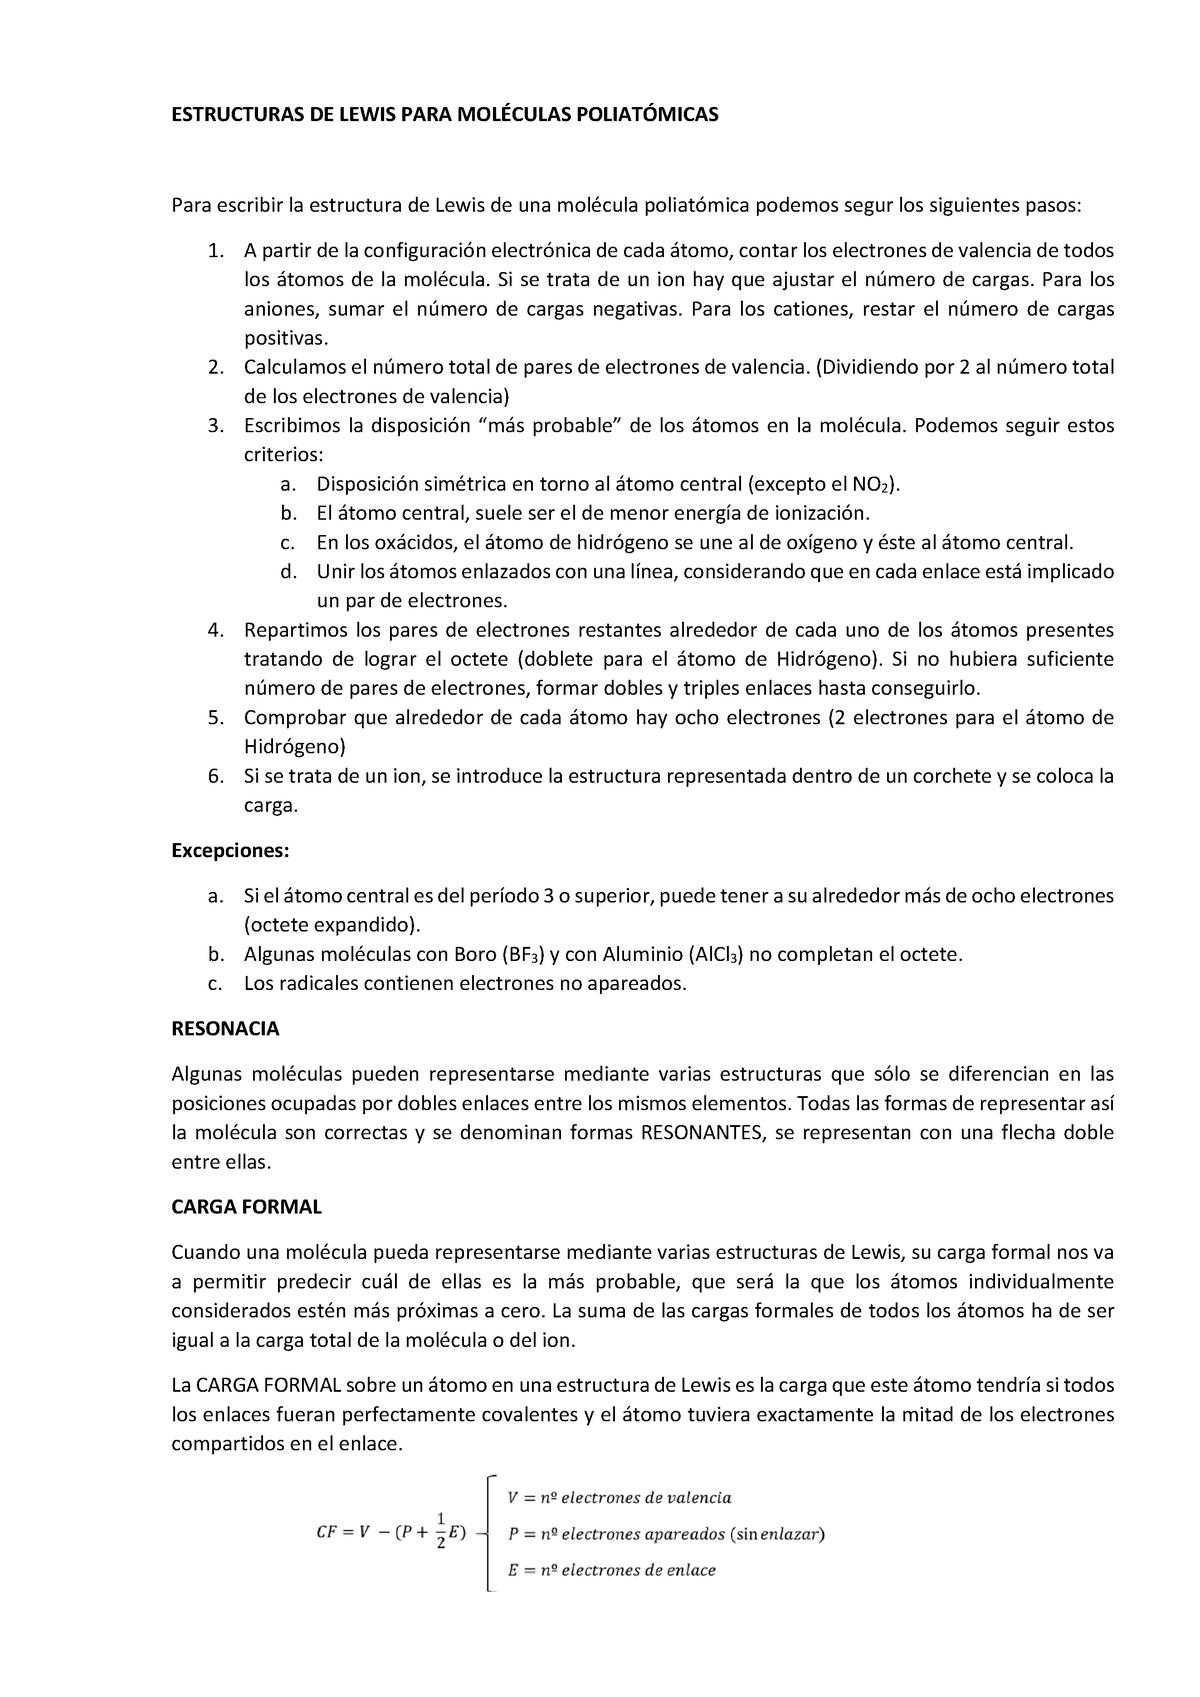 Estructuras De Lewis Química 0914204 Unileon Studocu